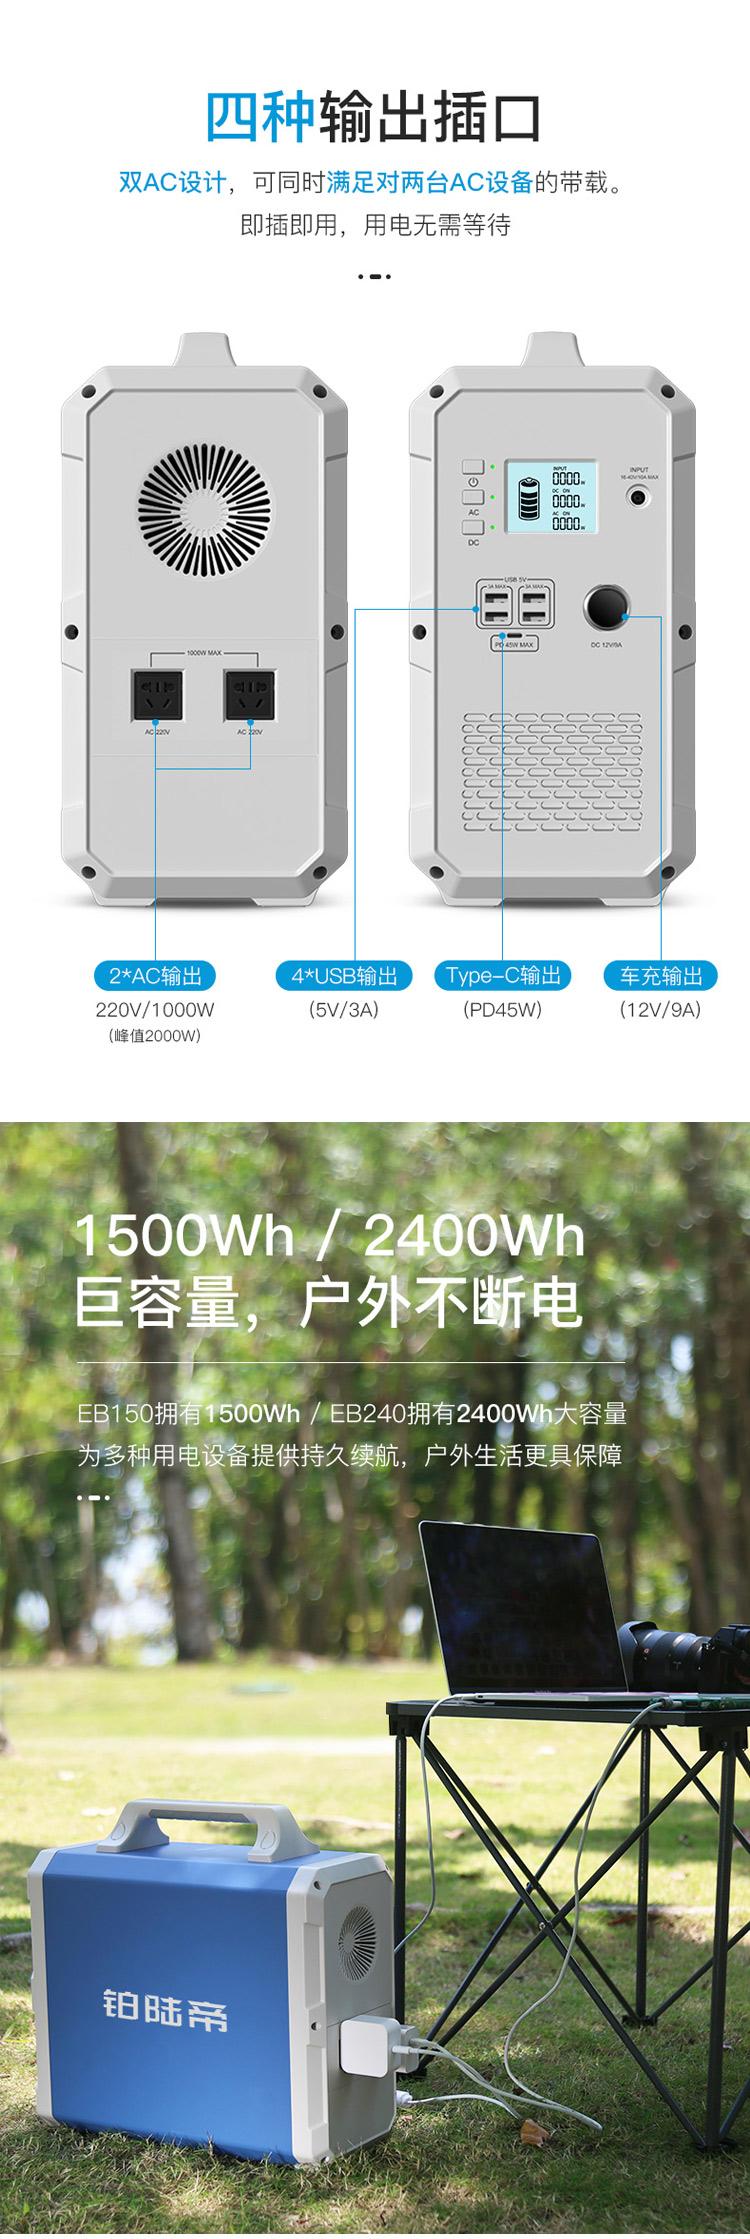 铂陆帝户外电源EB150产品详情图_04.jpg